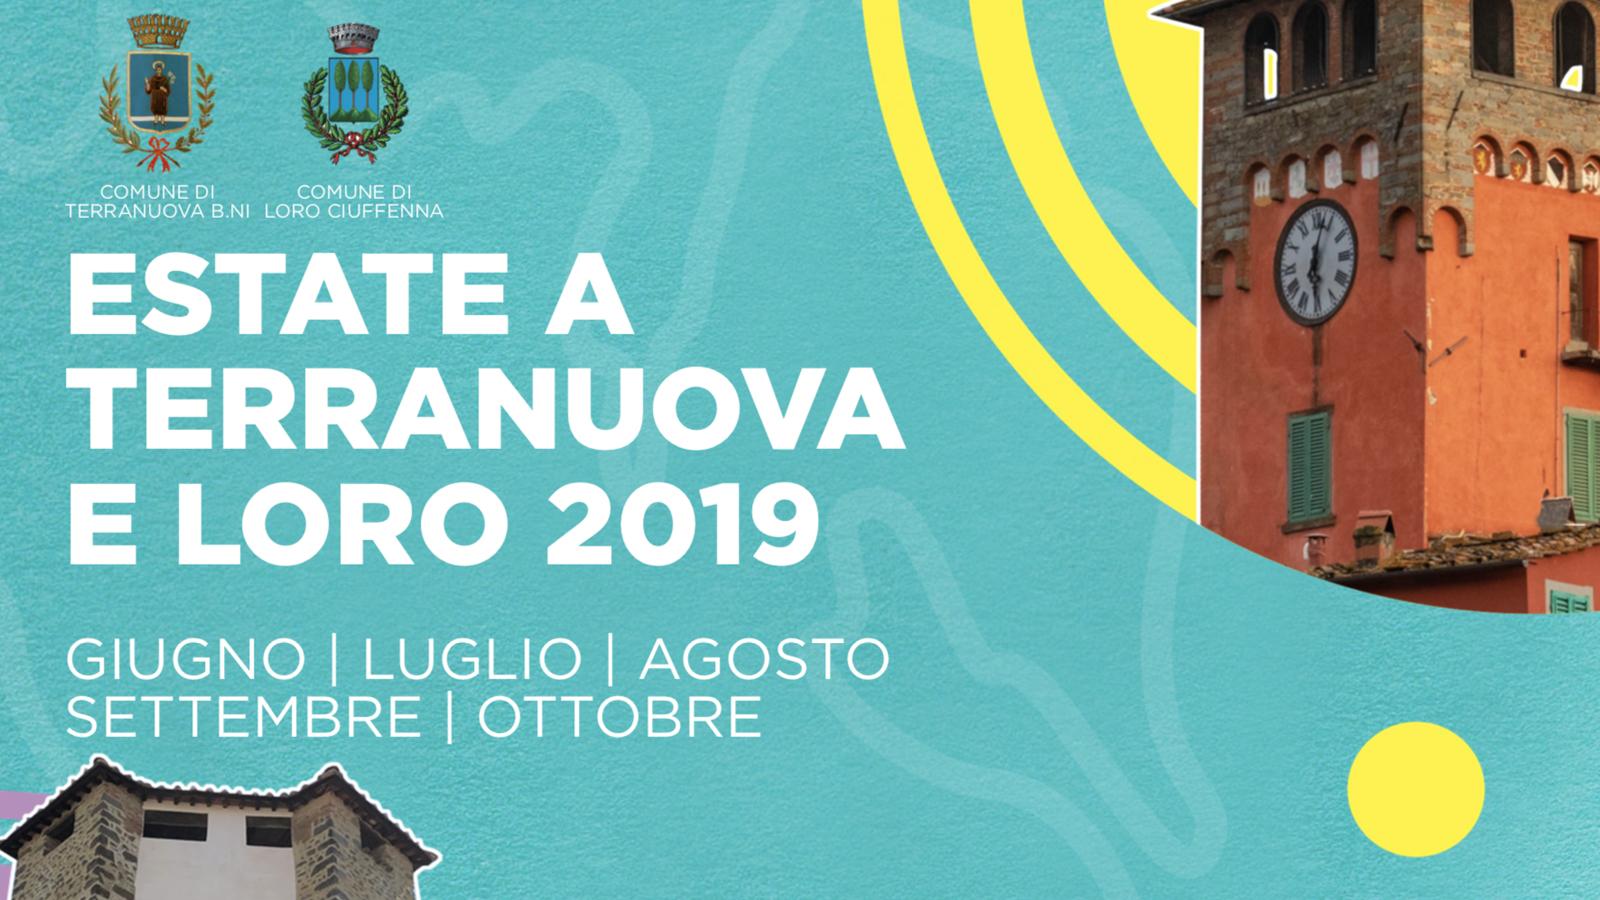 estate_a_terranuova_e_loro_2019